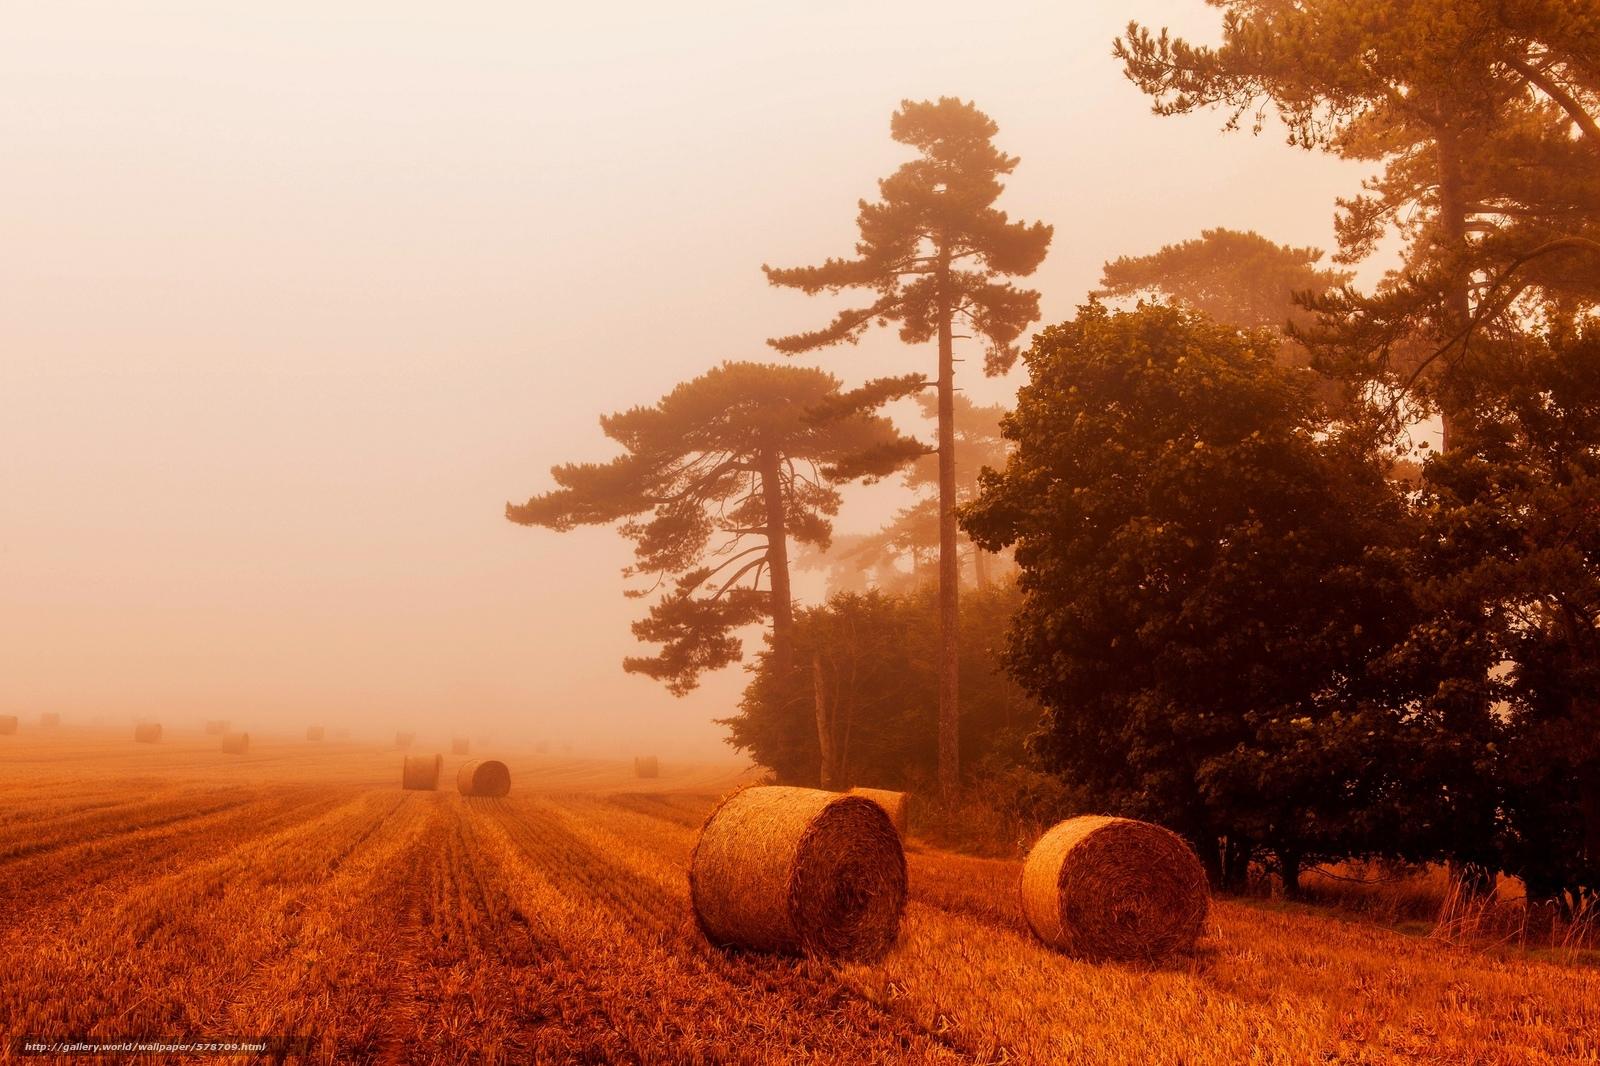 Скачать обои пейзаж,  солома,  природа,  пшеница бесплатно для рабочего стола в разрешении 2048x1365 — картинка №578709